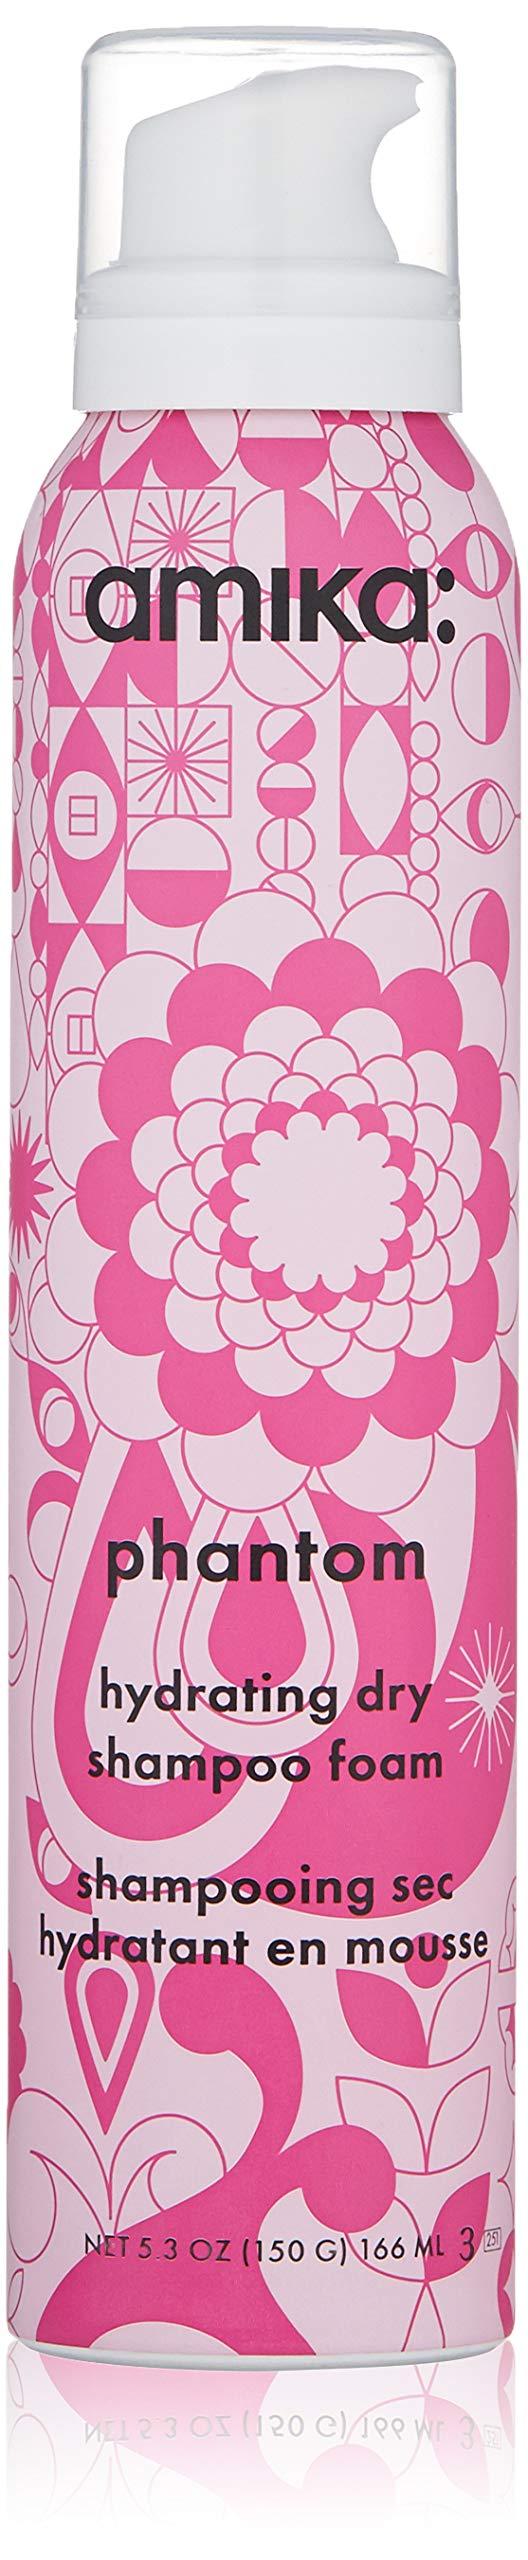 Amazon.com: amika Perk Up Dry Shampoo, 5.3 oz.: Luxury Beauty